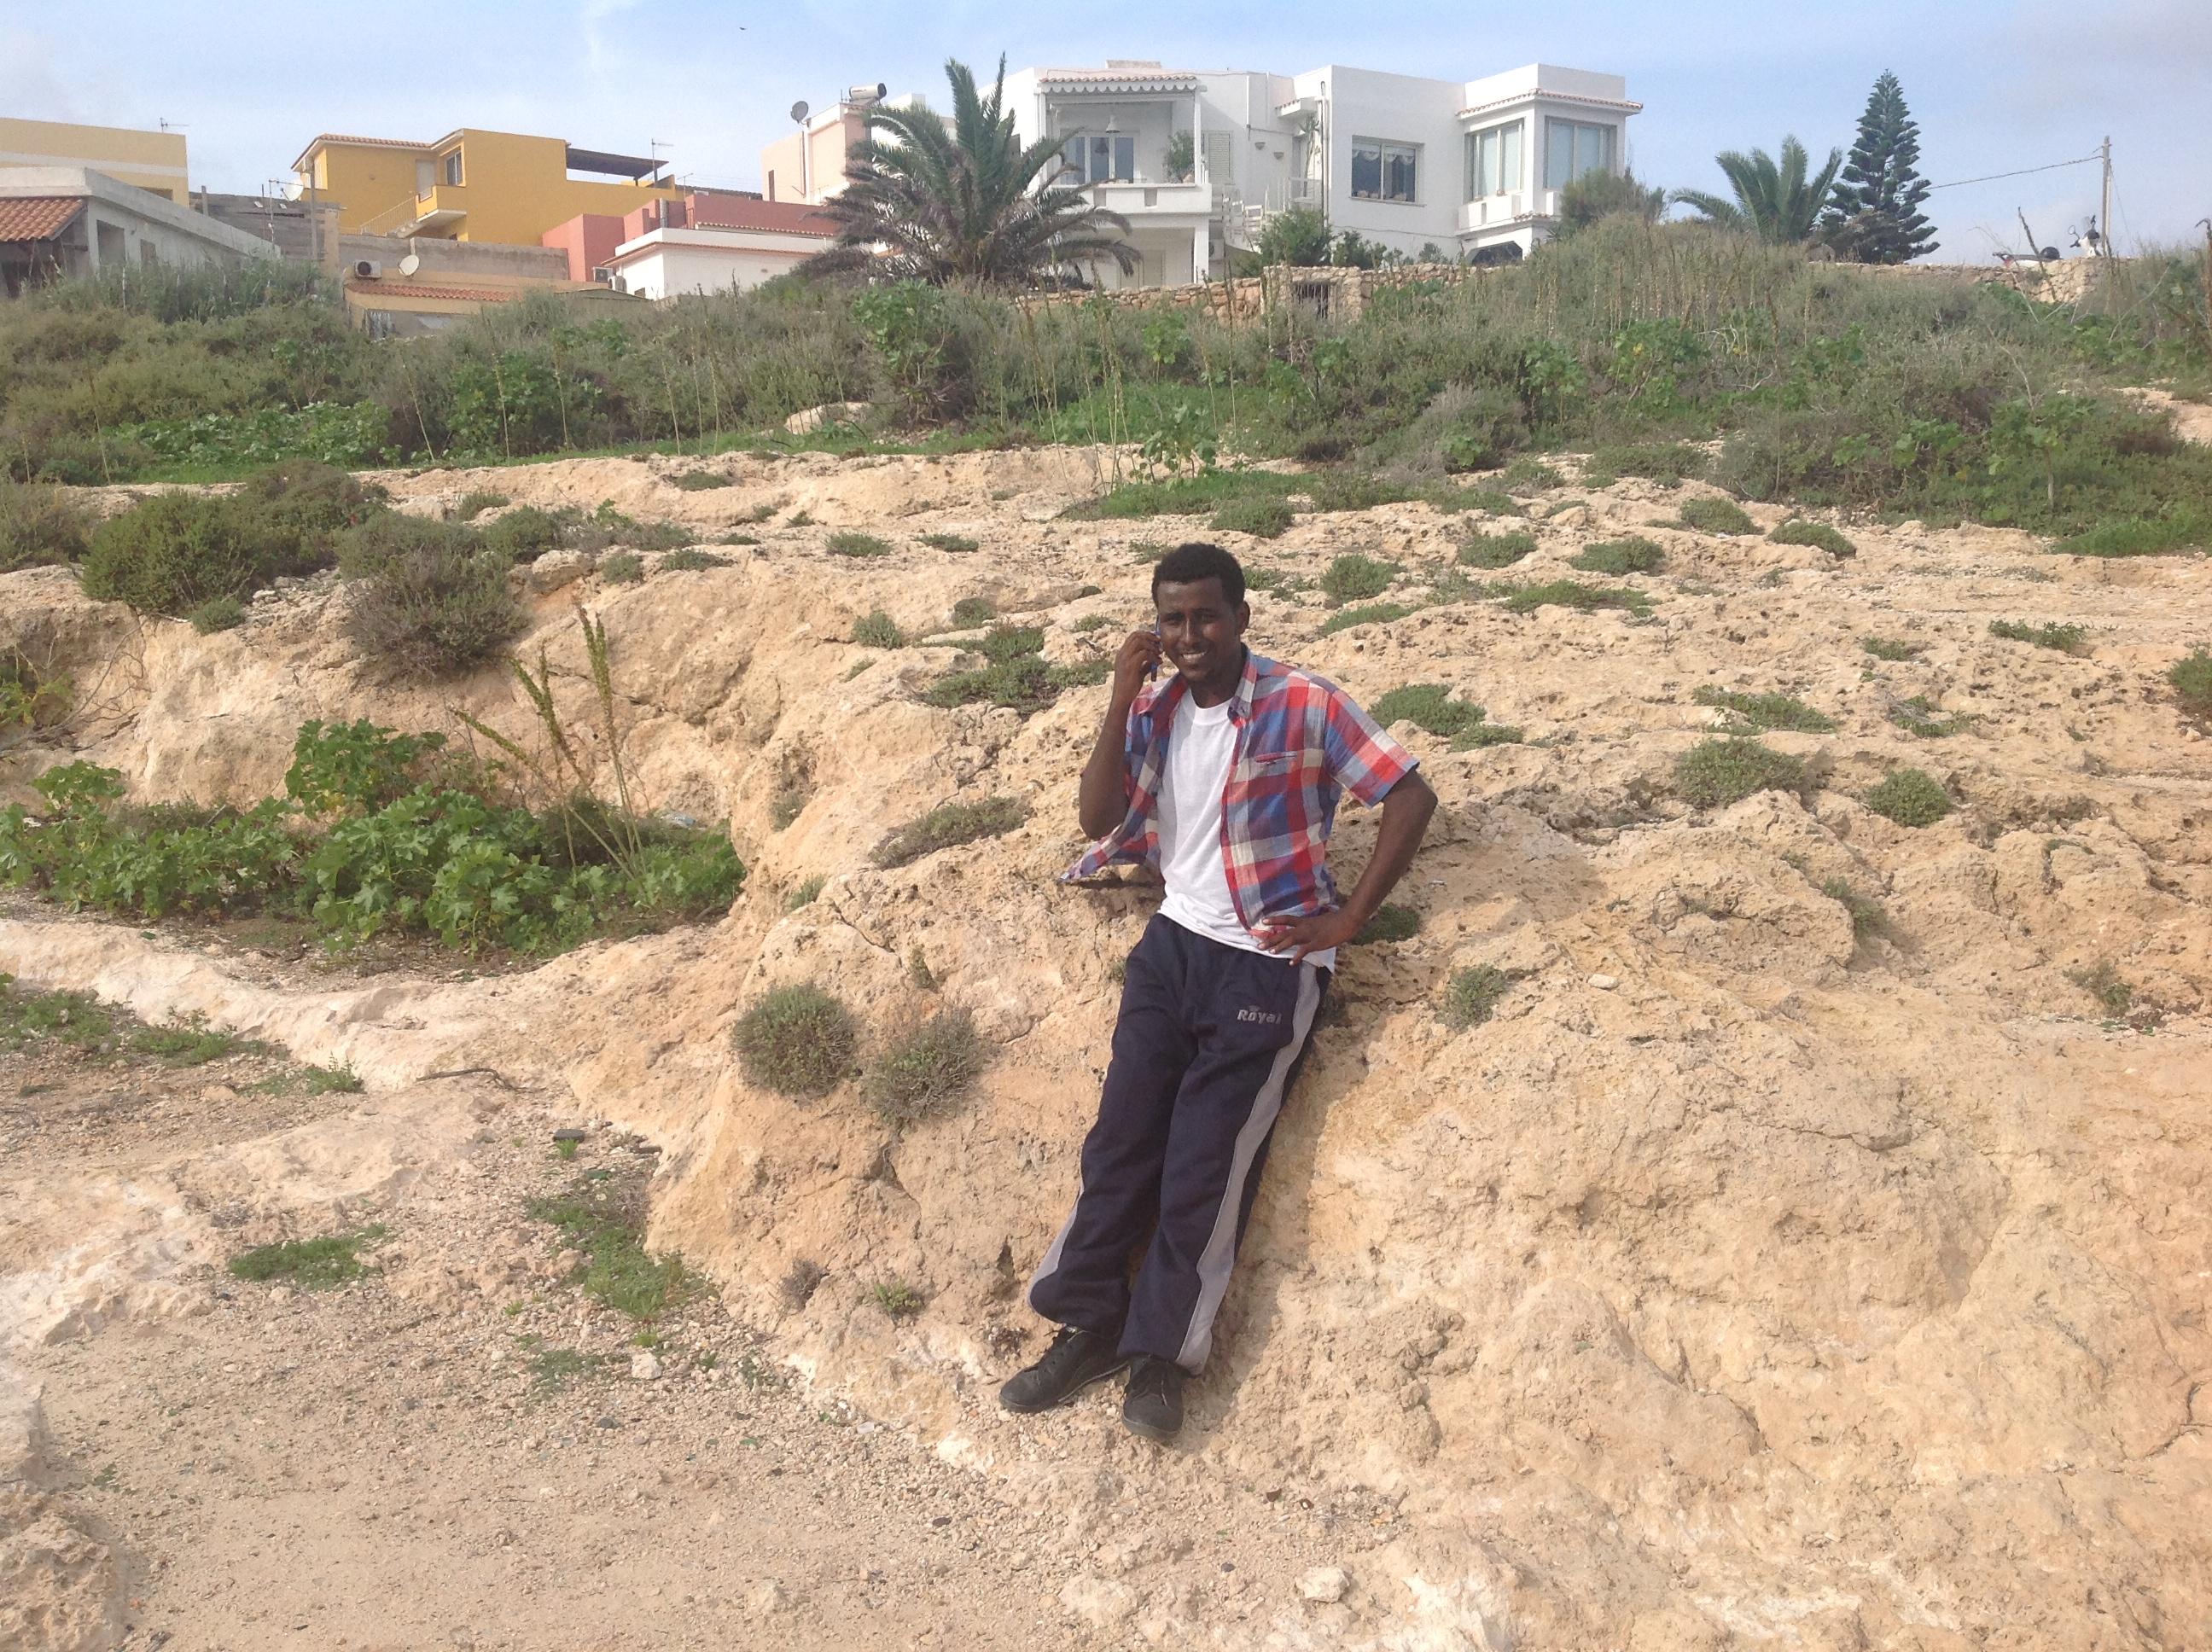 Mohamed, 20 ans, originaire d'Erythrée, survivant du naufrage au large de Lampedusa. Le 20 octobre 2013. Photo : François Dufour